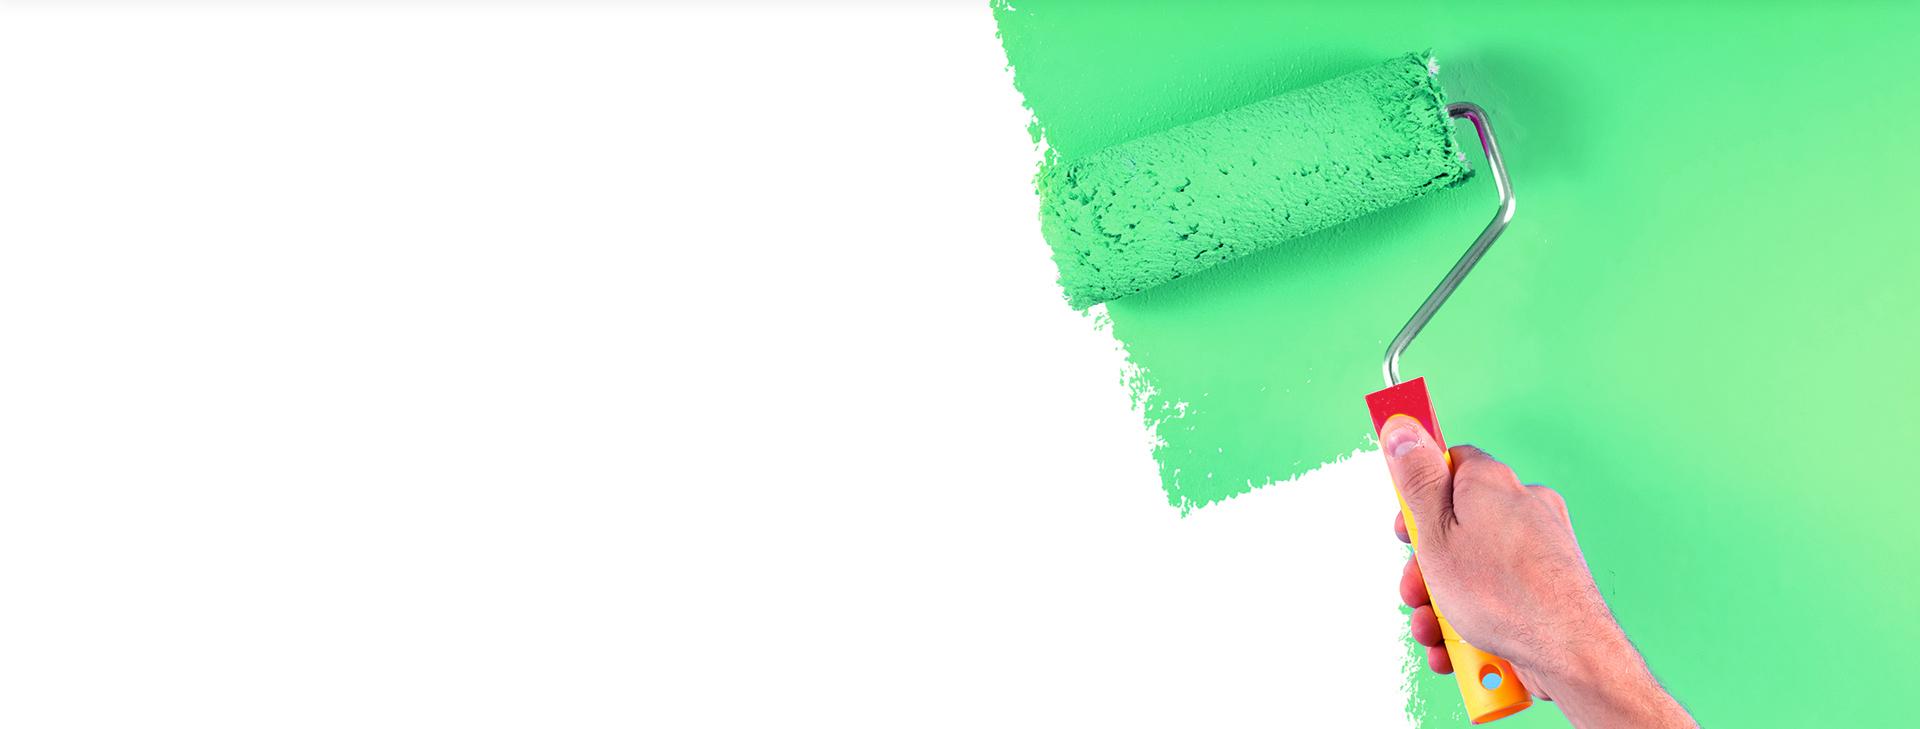 slide-01 Kopie